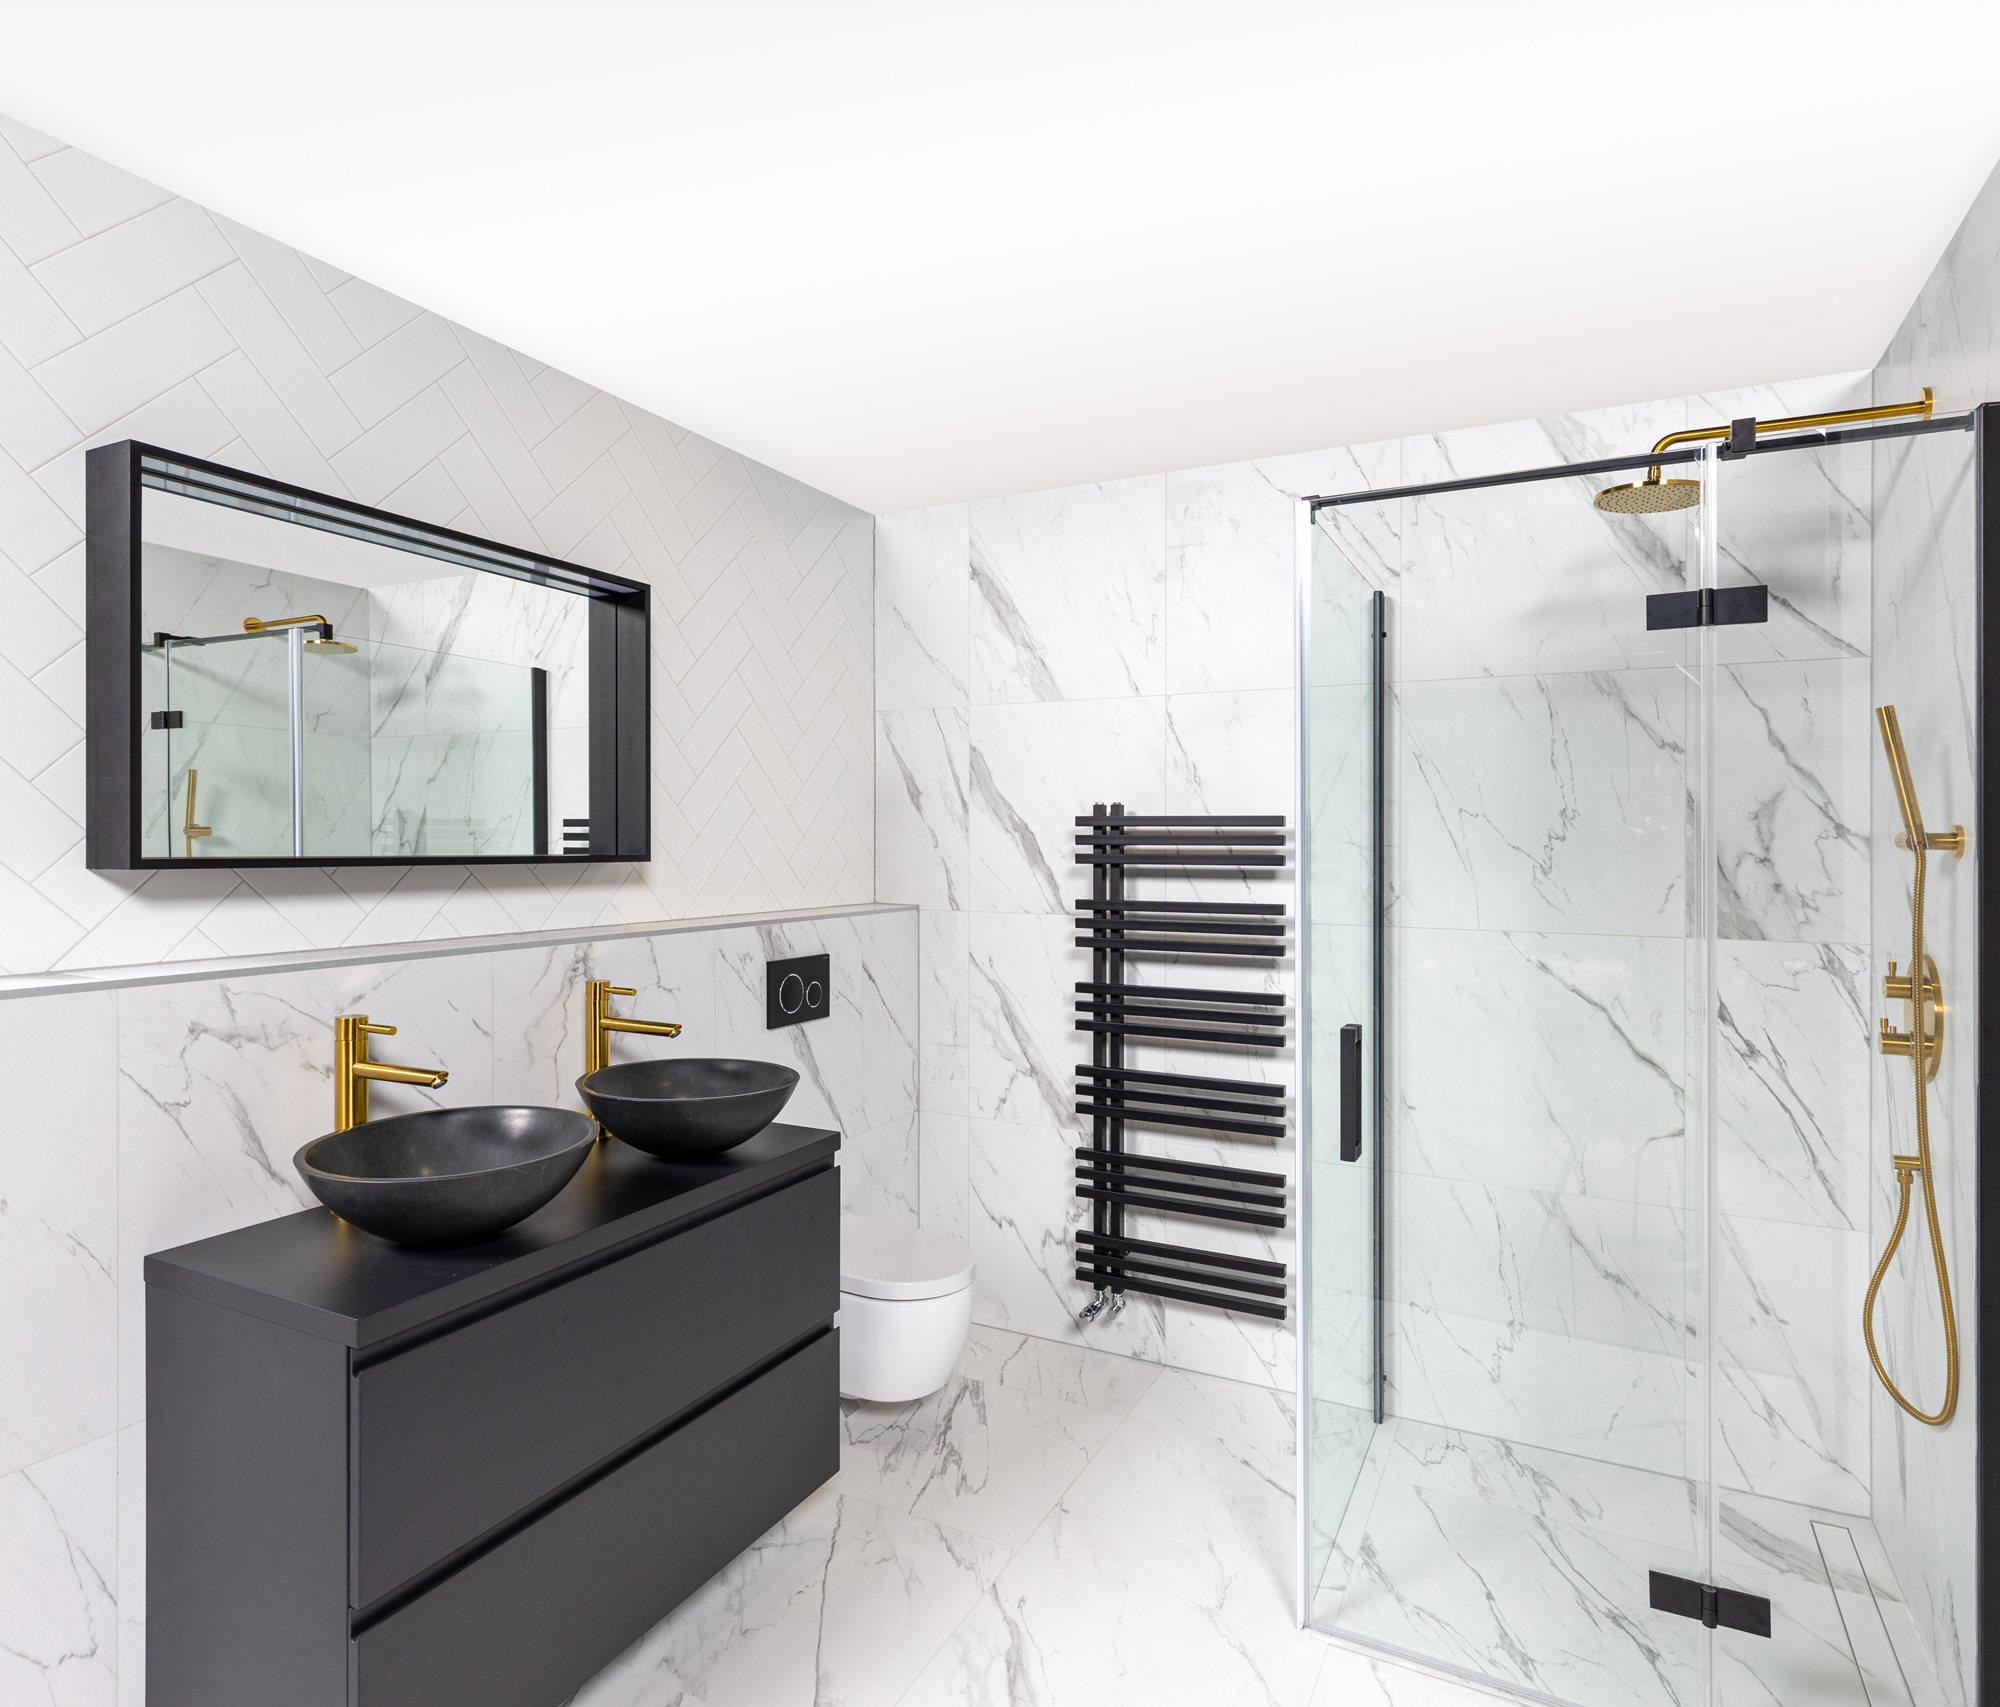 badkamer-marmerlook-tegels-wit.jpg